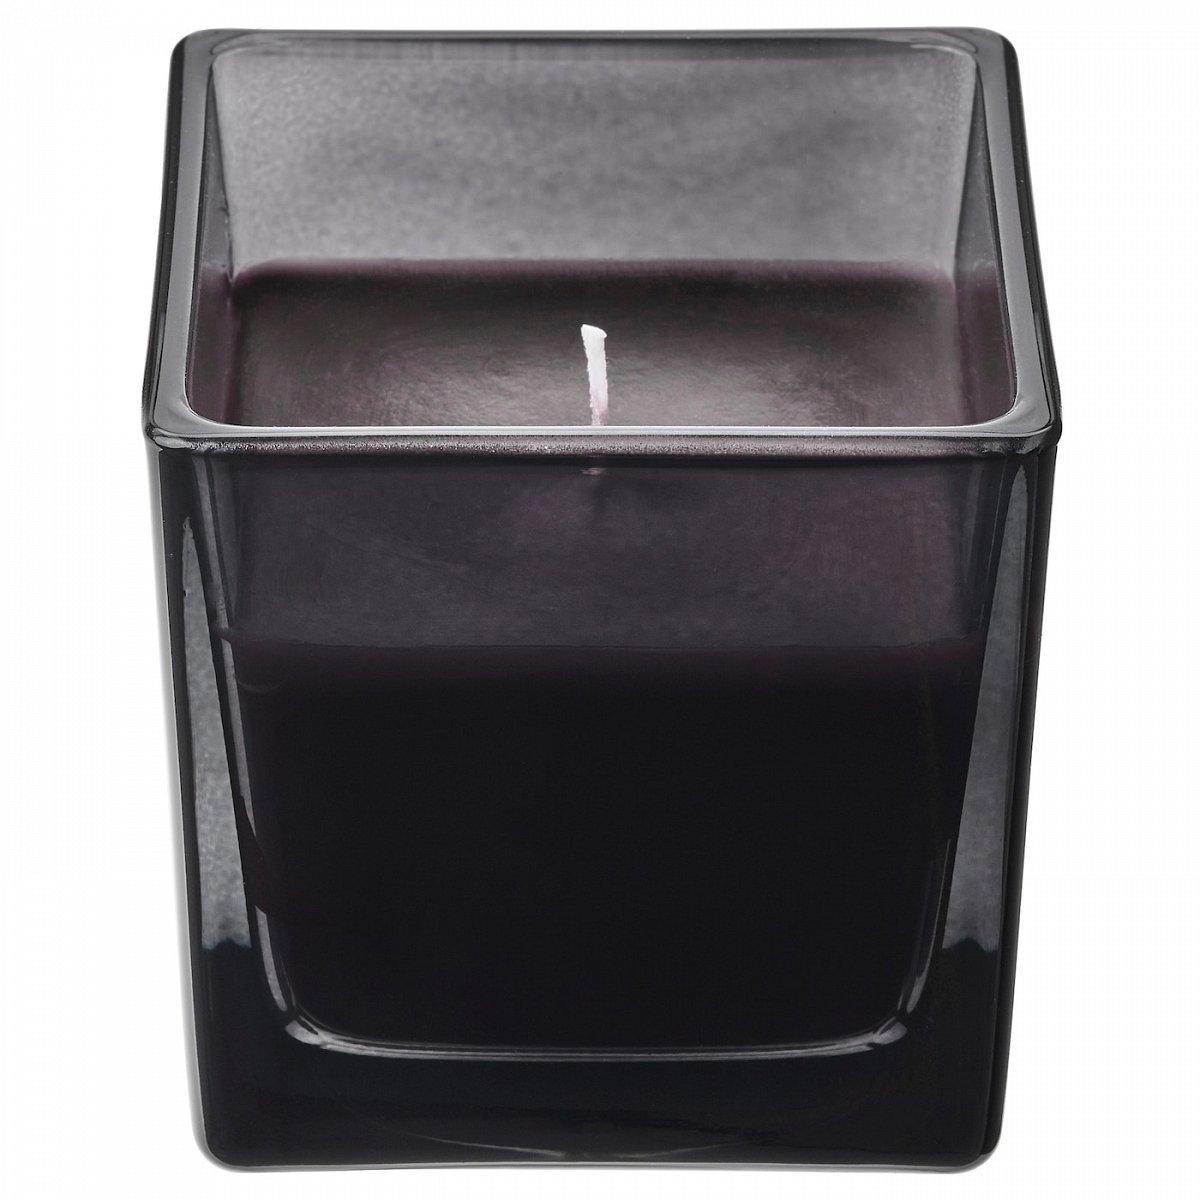 ФРАМФЭРД, Ароматическая свеча в стакане, сосна/черный, 8 см - фото 1